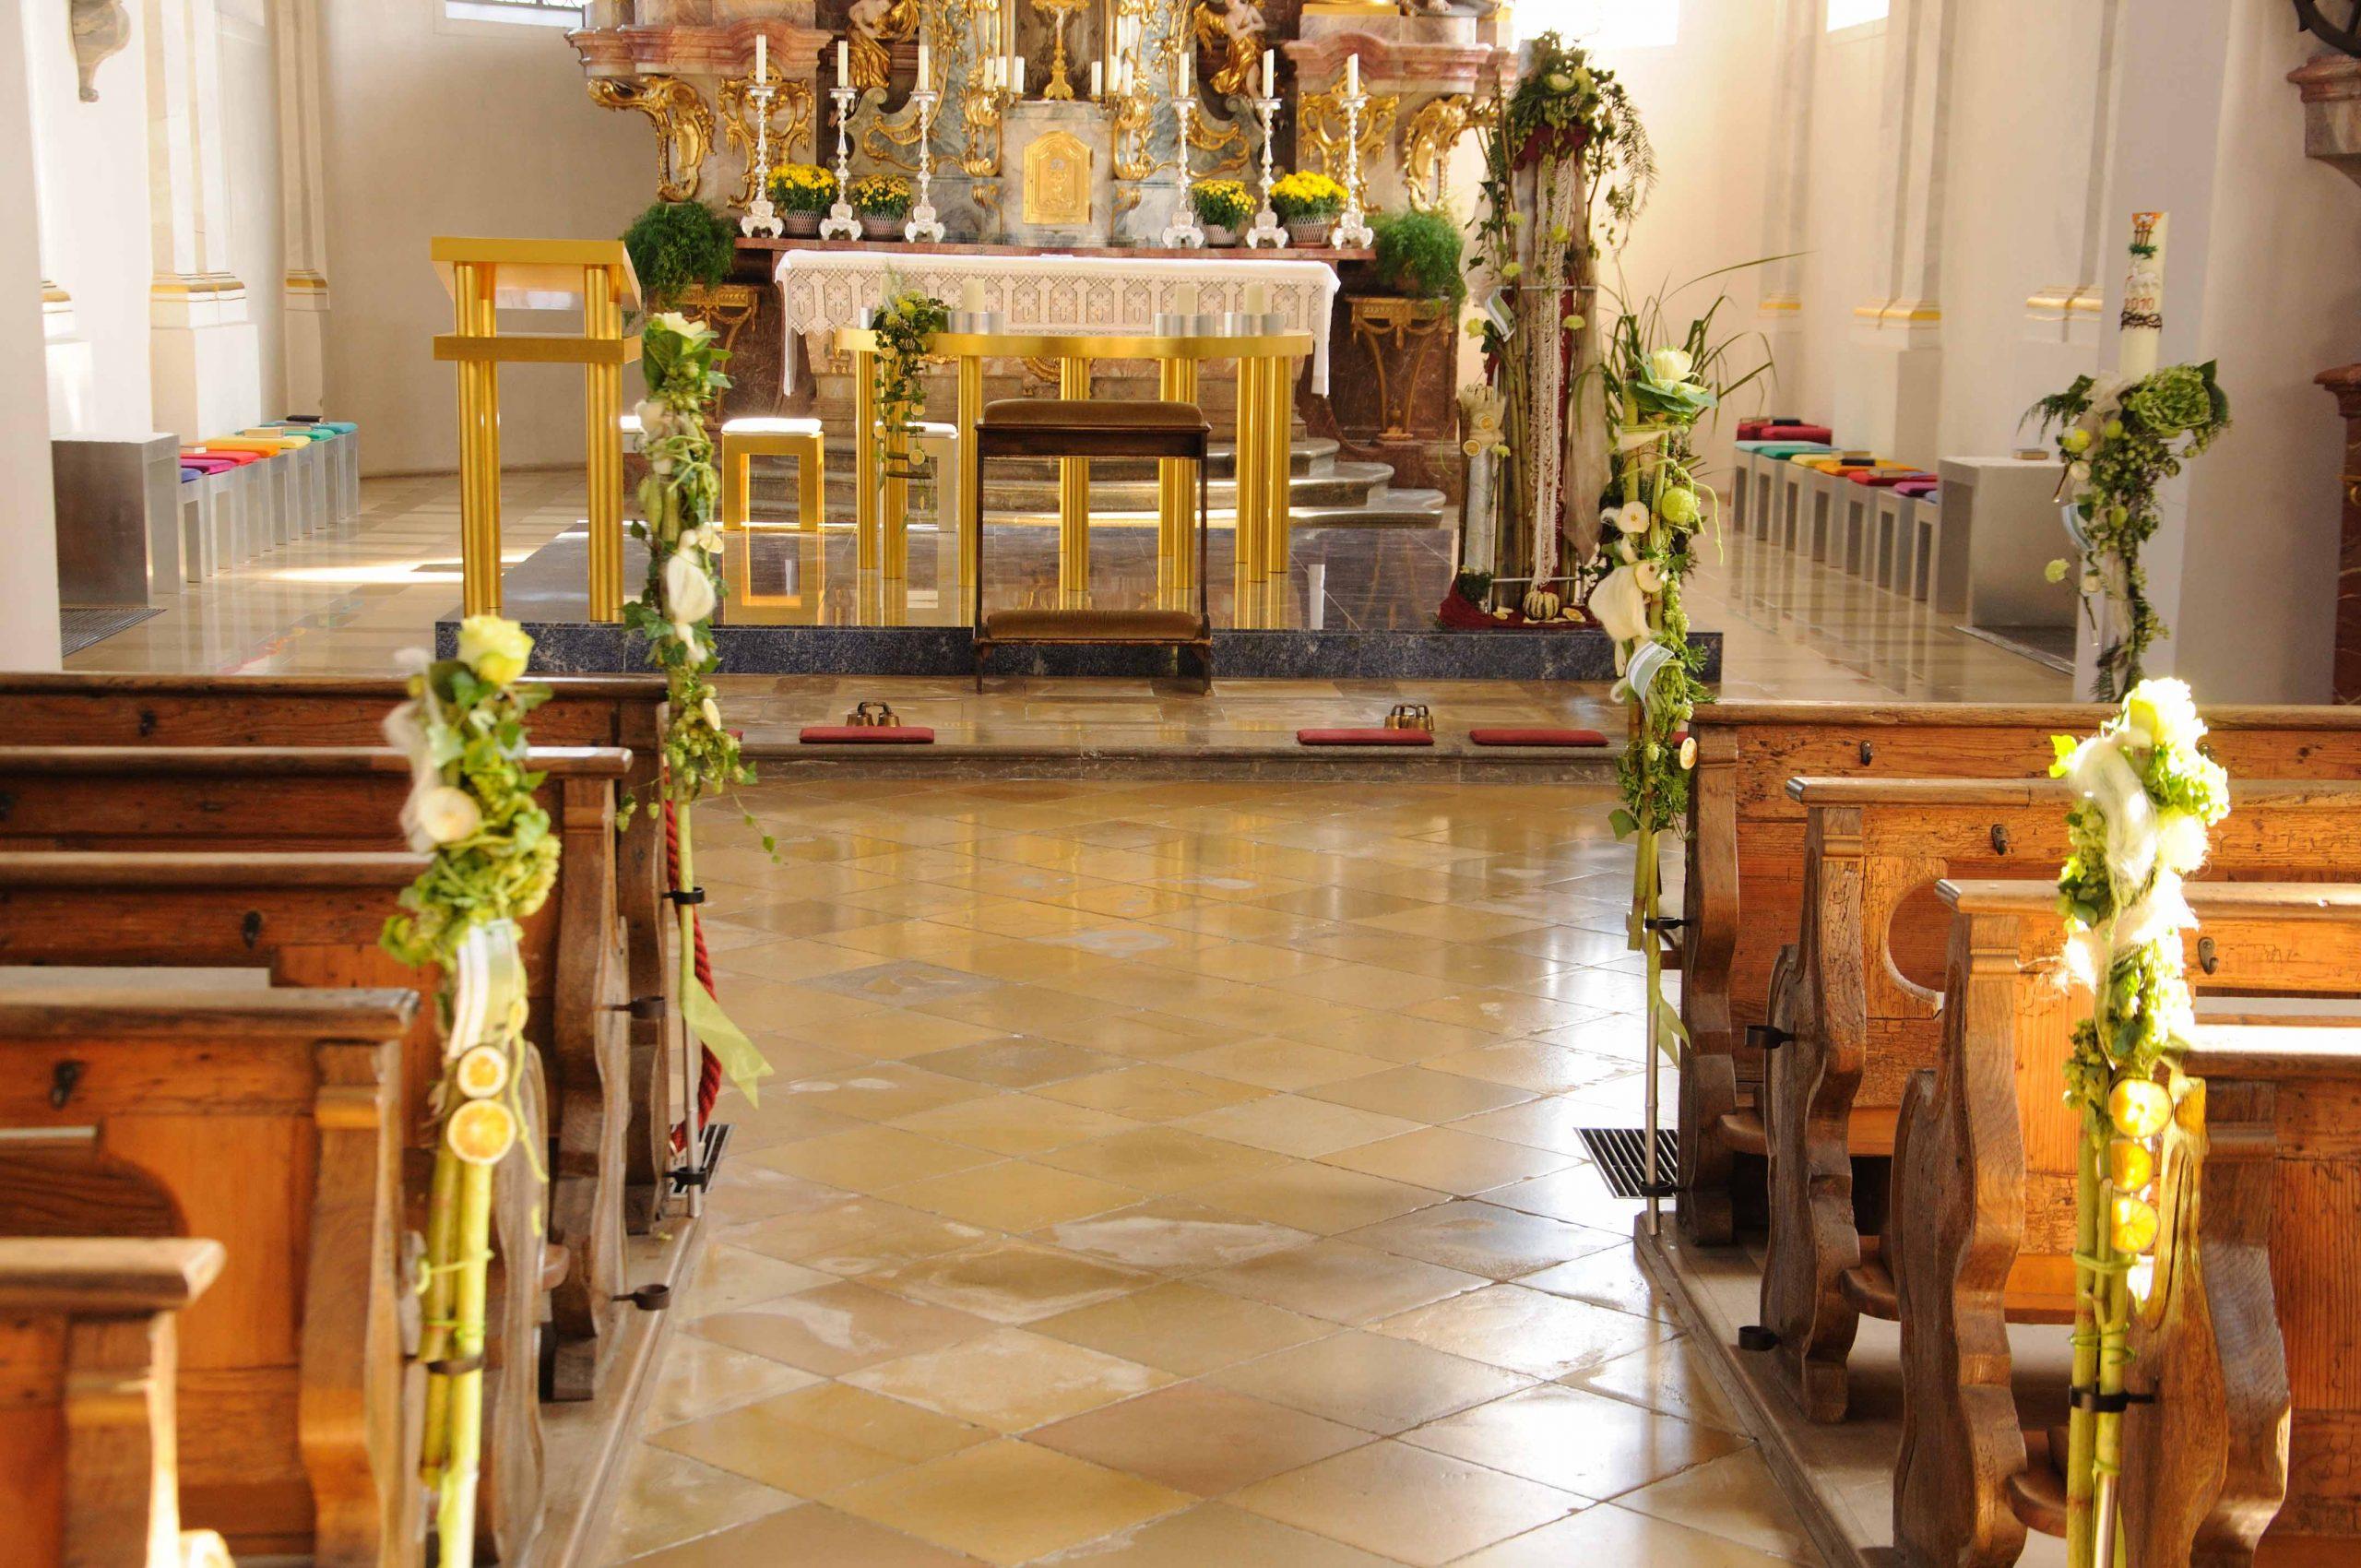 03 Kirchenschmuck in Weiß- Grün